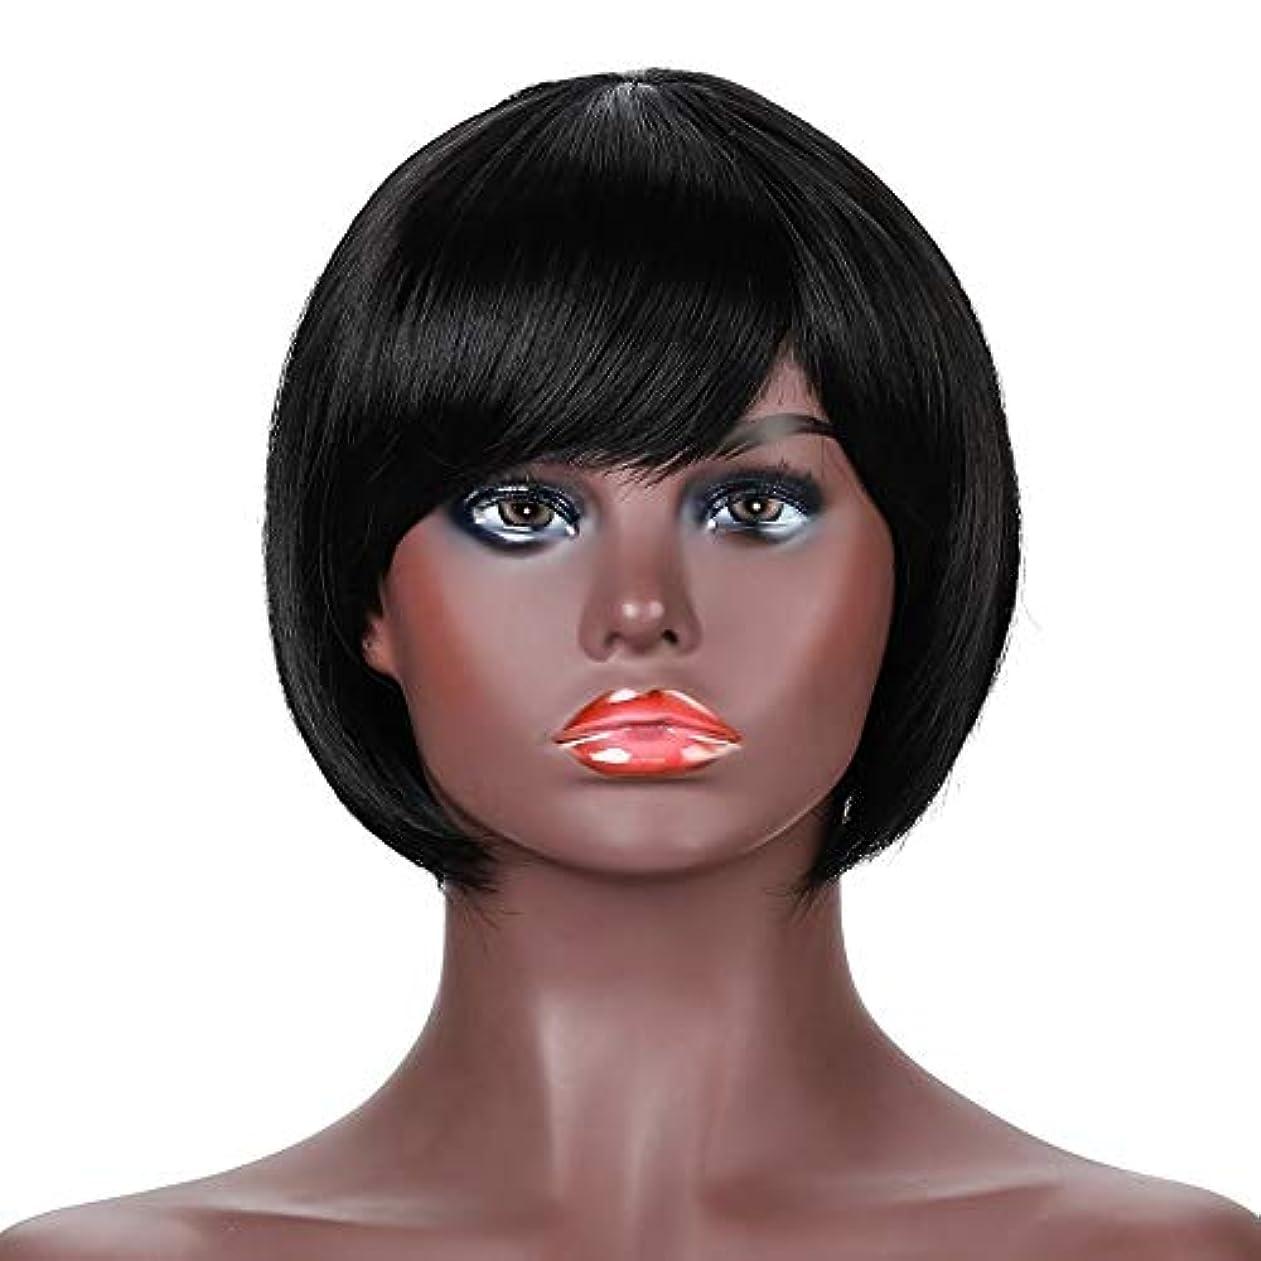 死傷者なんでも欠かせない女性用ナチュラルブラックショートカーリーヘアウィッグ前髪リアル人毛ウィッグ合成フルヘアウィッグ女性用ハロウィンコスプレパーティーウィッグ